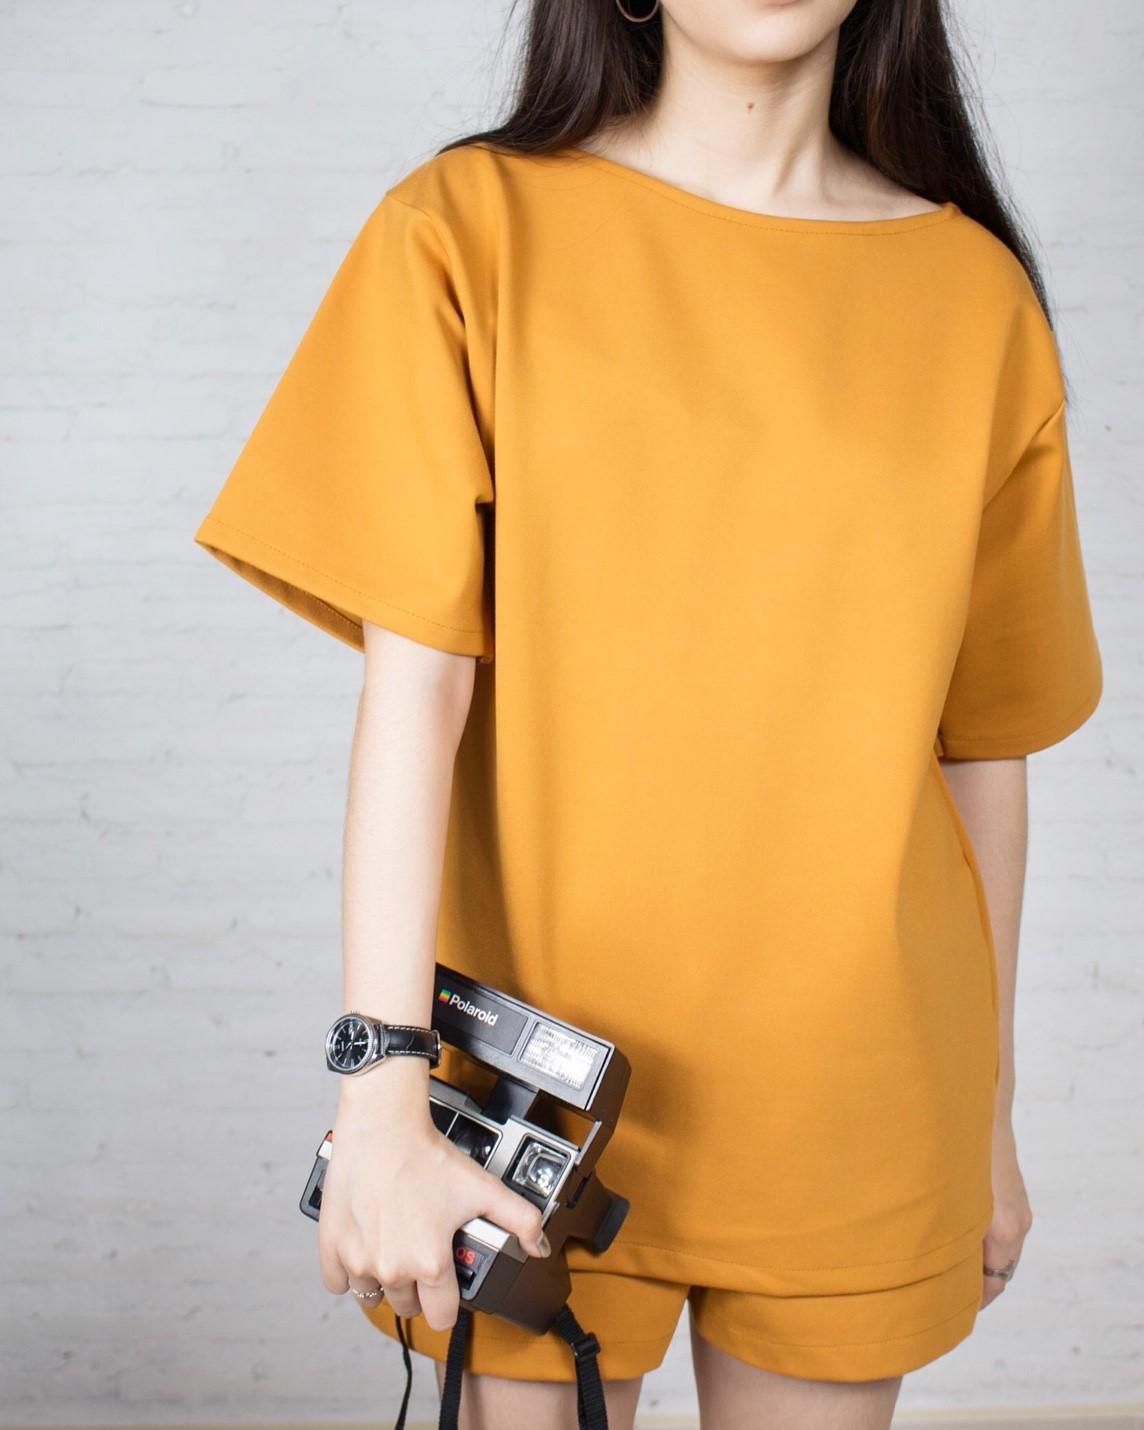 เสื้อแขนสั้นสีส้ม